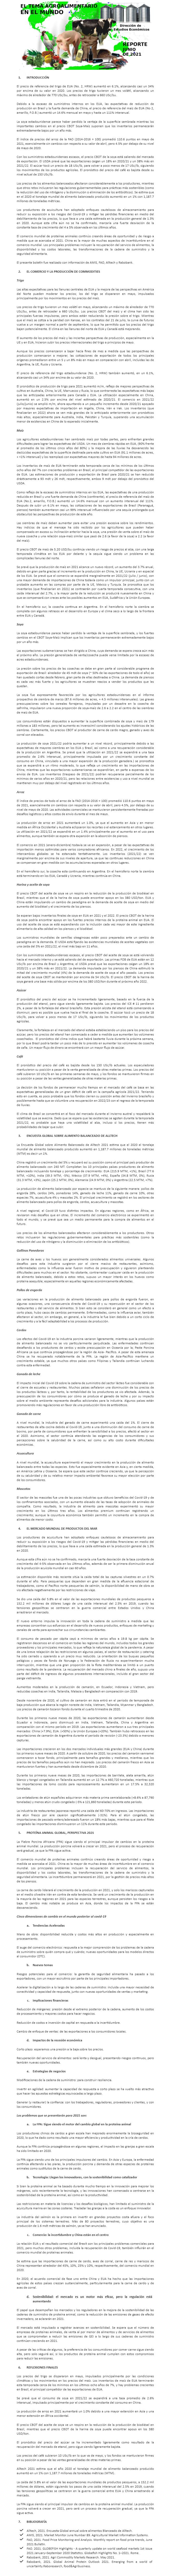 REPORTE: EL TEMA AGROALIMENTARIO EN EL MUNDO, JUNIO 2021.